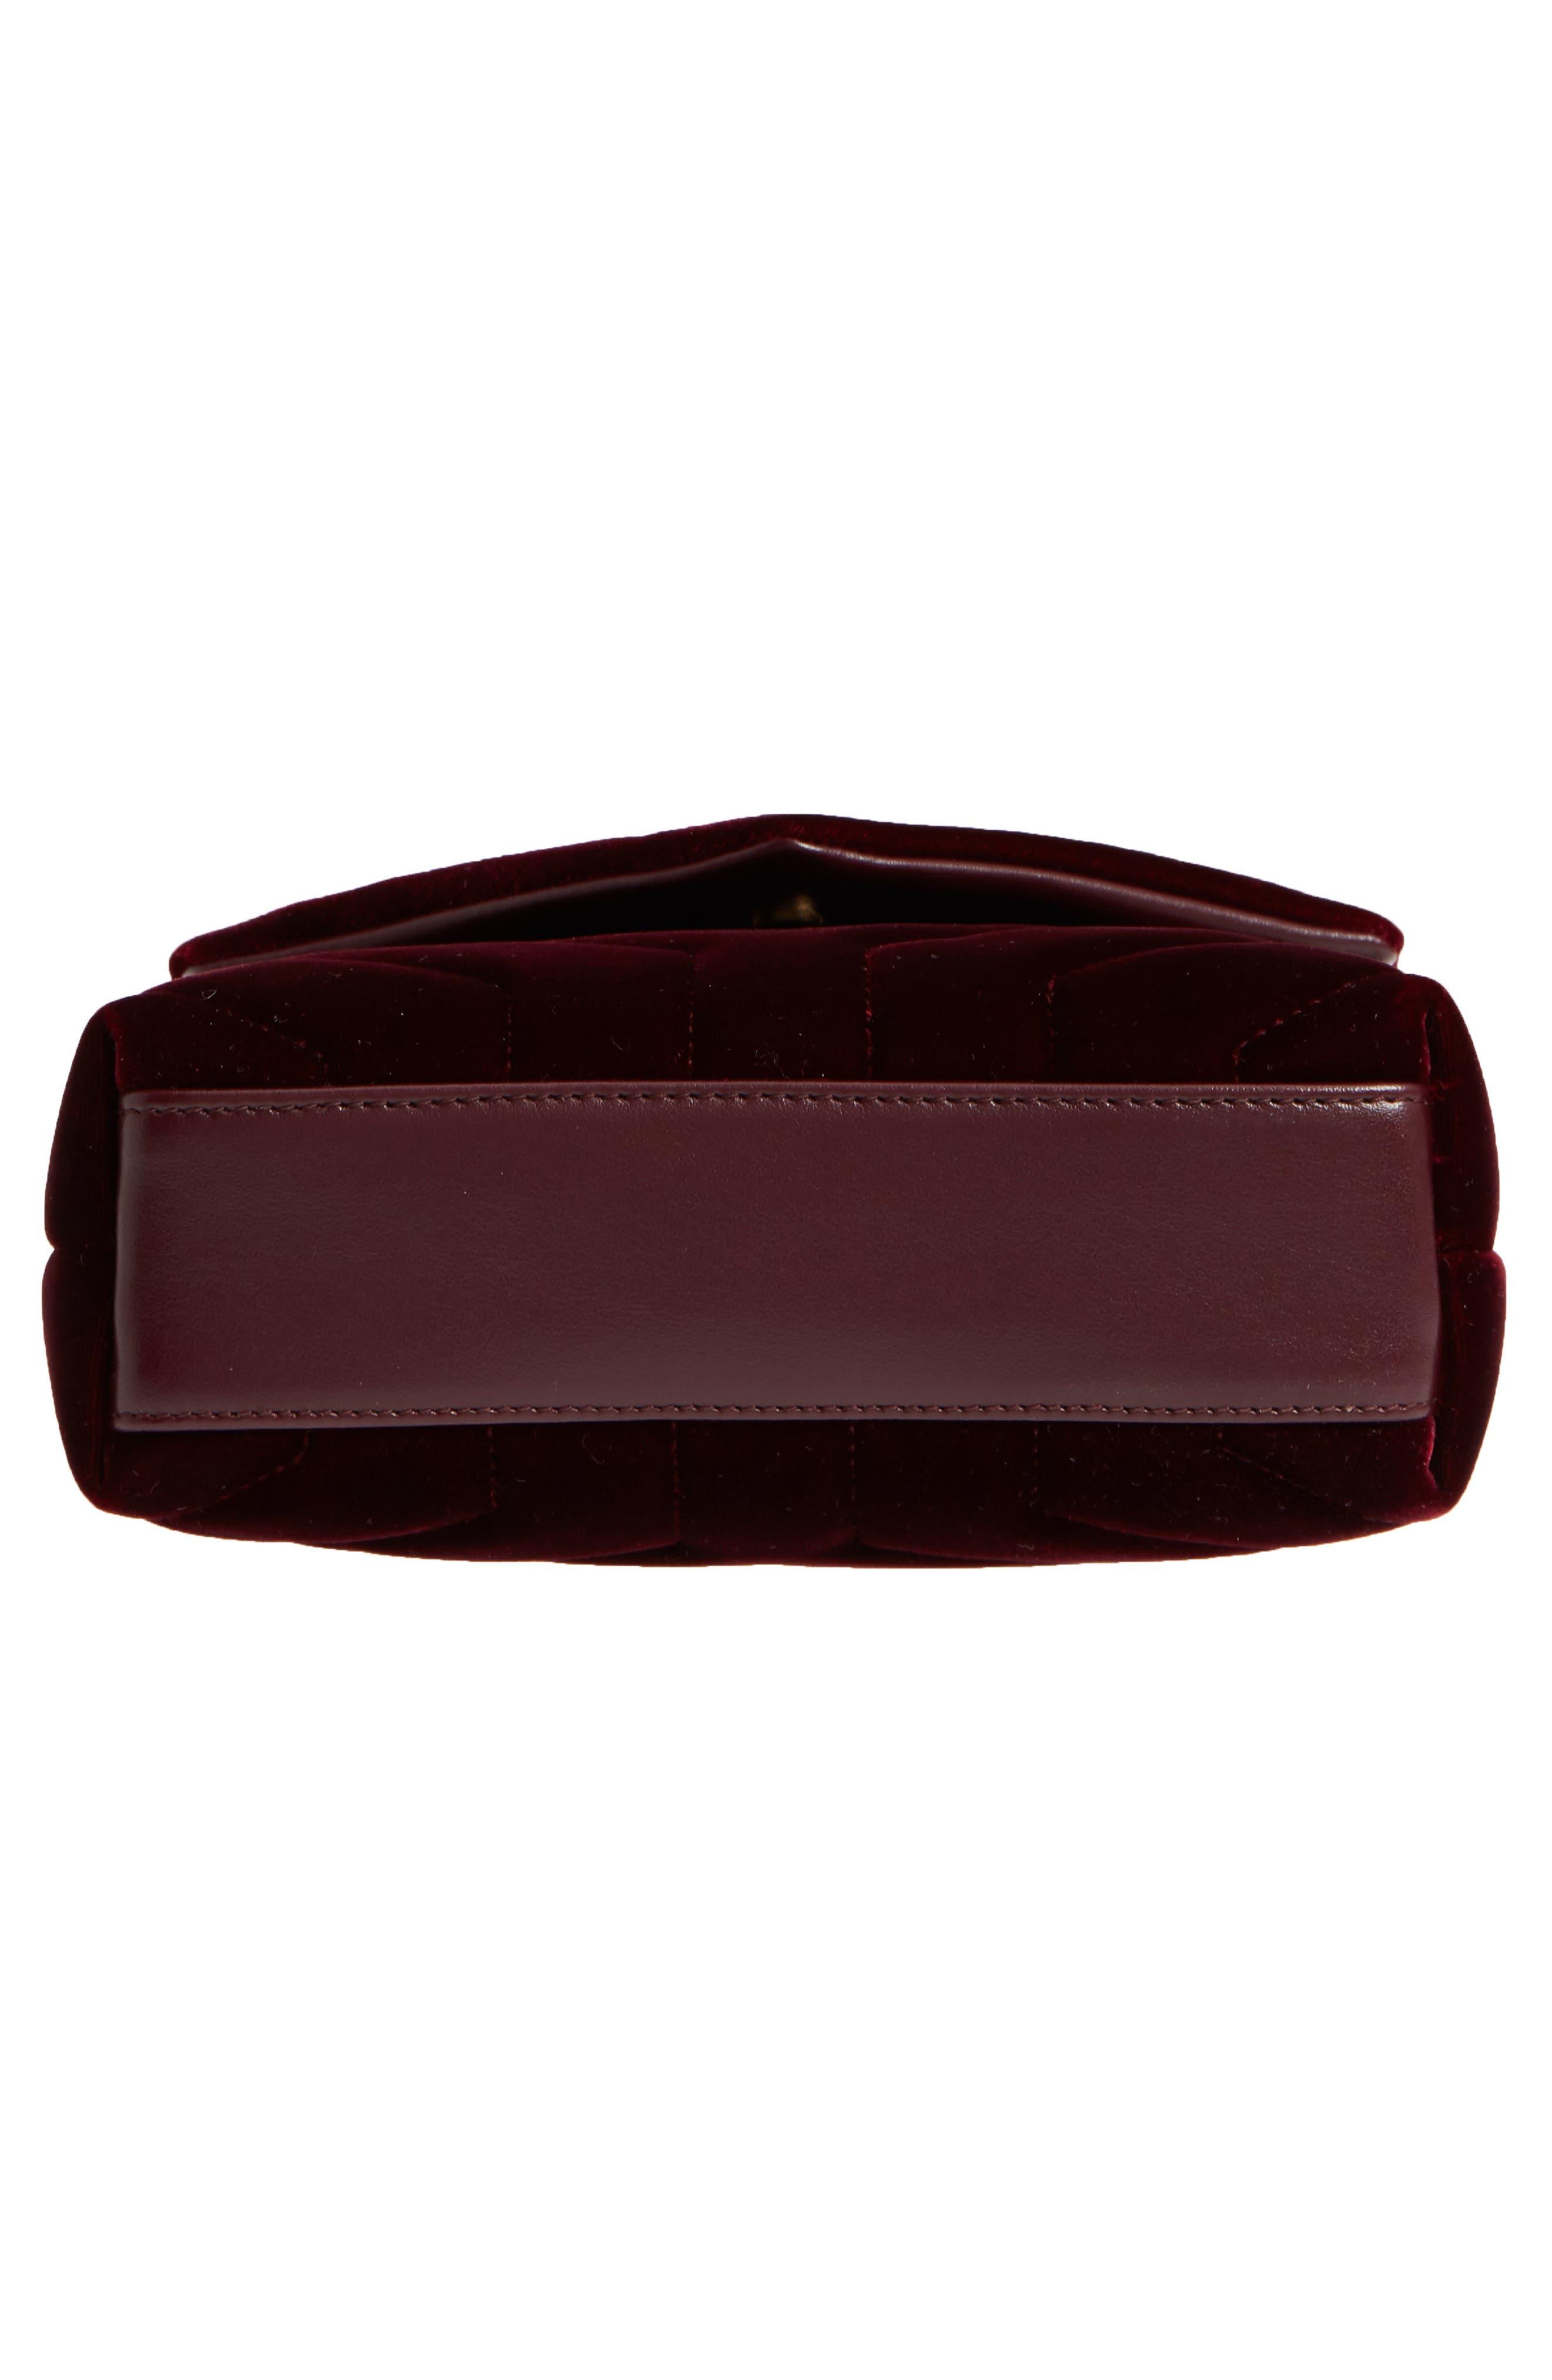 Toy Loulou Velvet Crossbody Bag,                             Alternate thumbnail 6, color,                             930